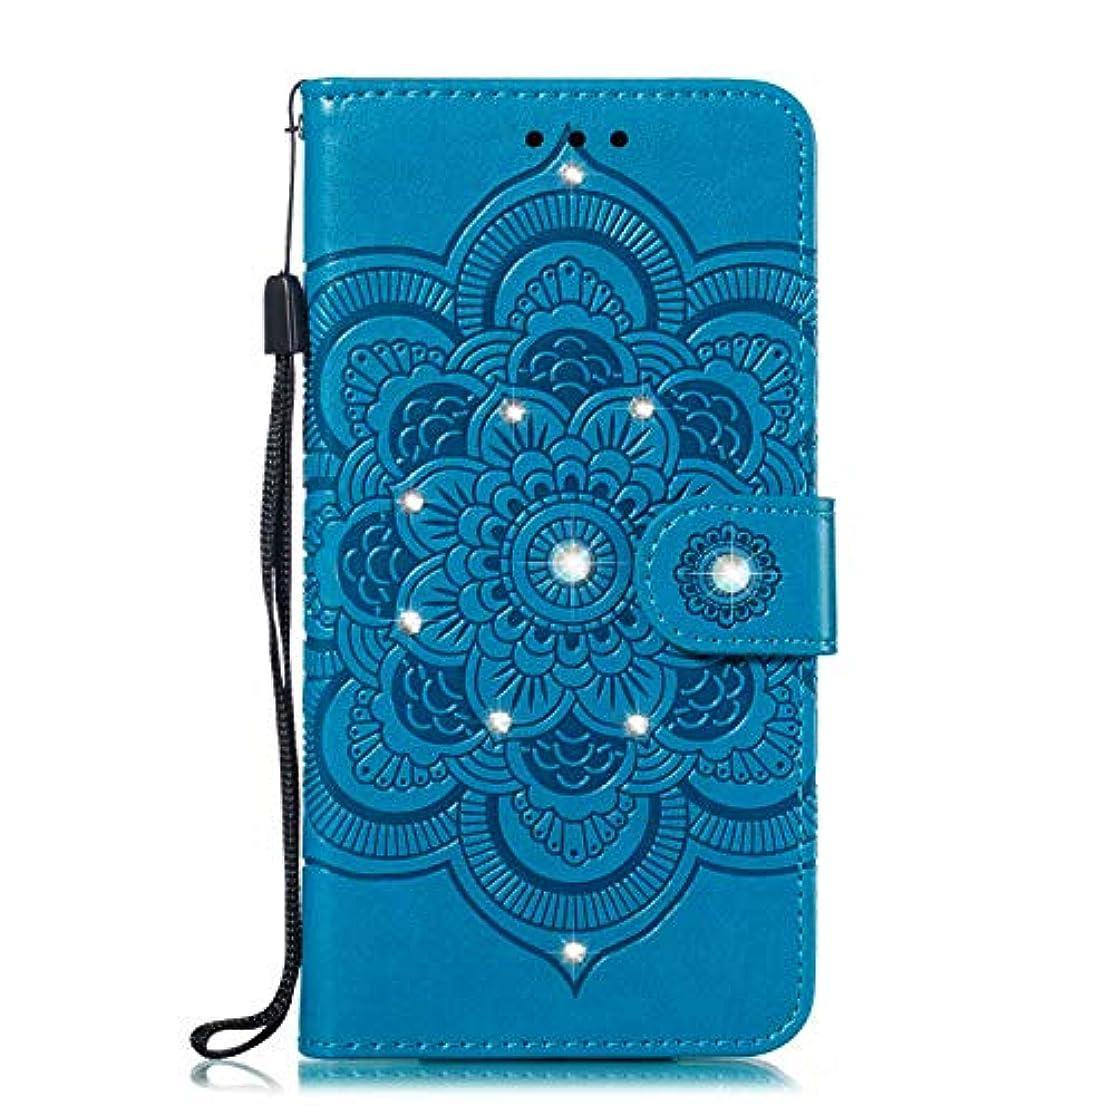 醜い指定する交換OMATENTI Xiaomi MI 6X ケース 手帳型 かわいい レディース用 合皮PUレザー 財布型 保護ケース ザー カード収納 スタンド 機能 マグネット 人気 高品質 ダイヤモンドの輝き マンダラのエンボス加工 ケース, 青